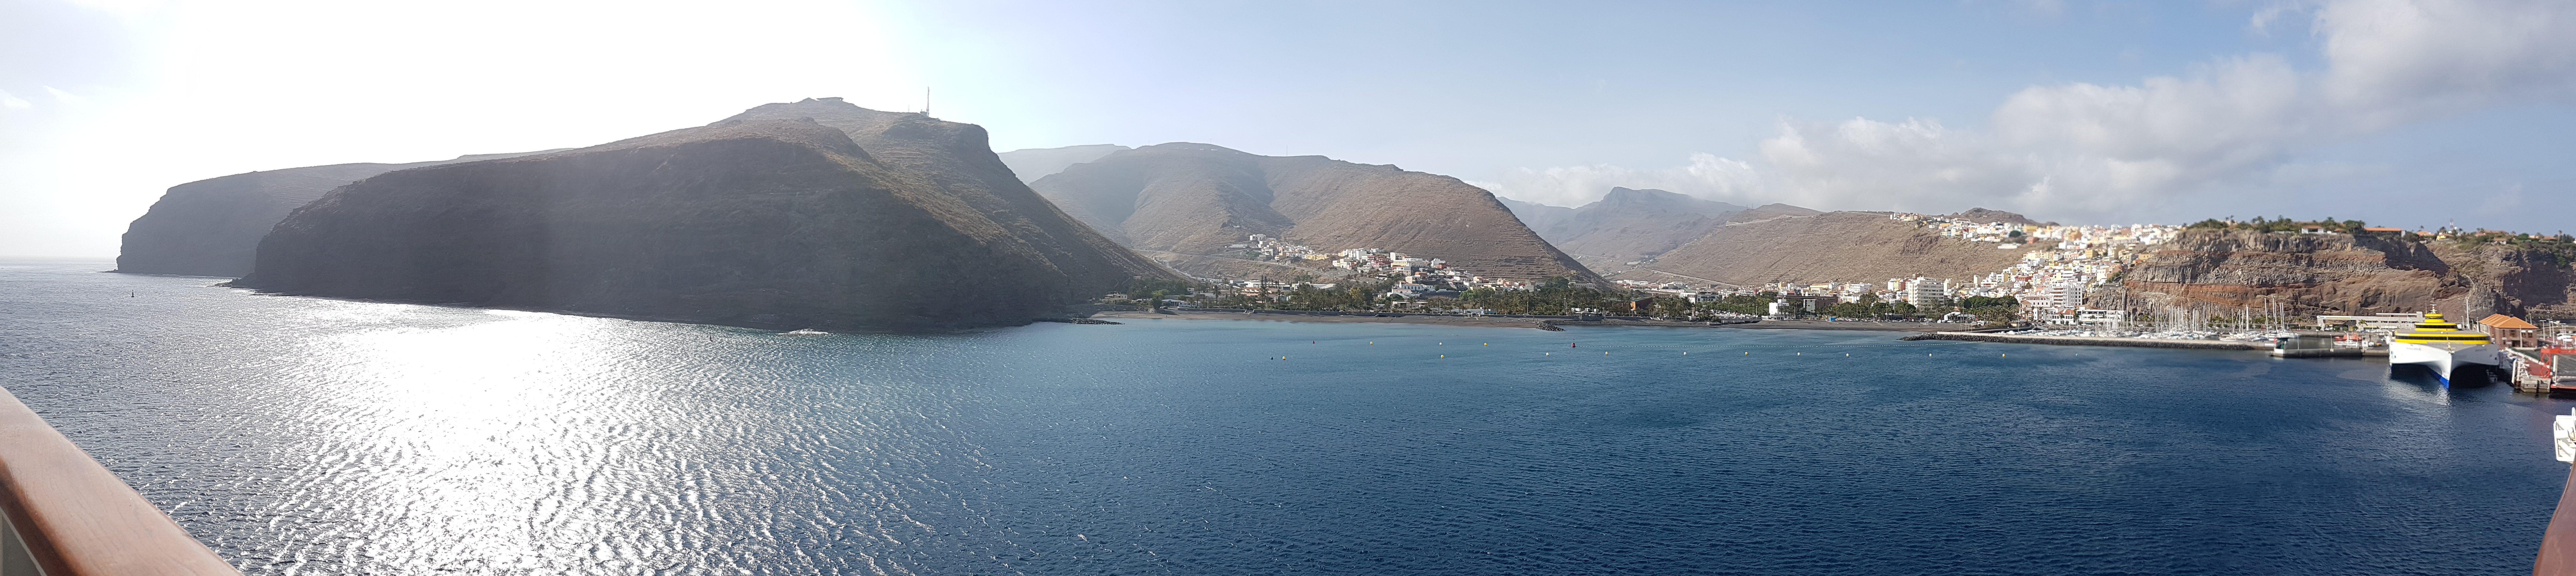 Aida Kreuzfahrt Kanaren und Madeira -La Gomera Küste